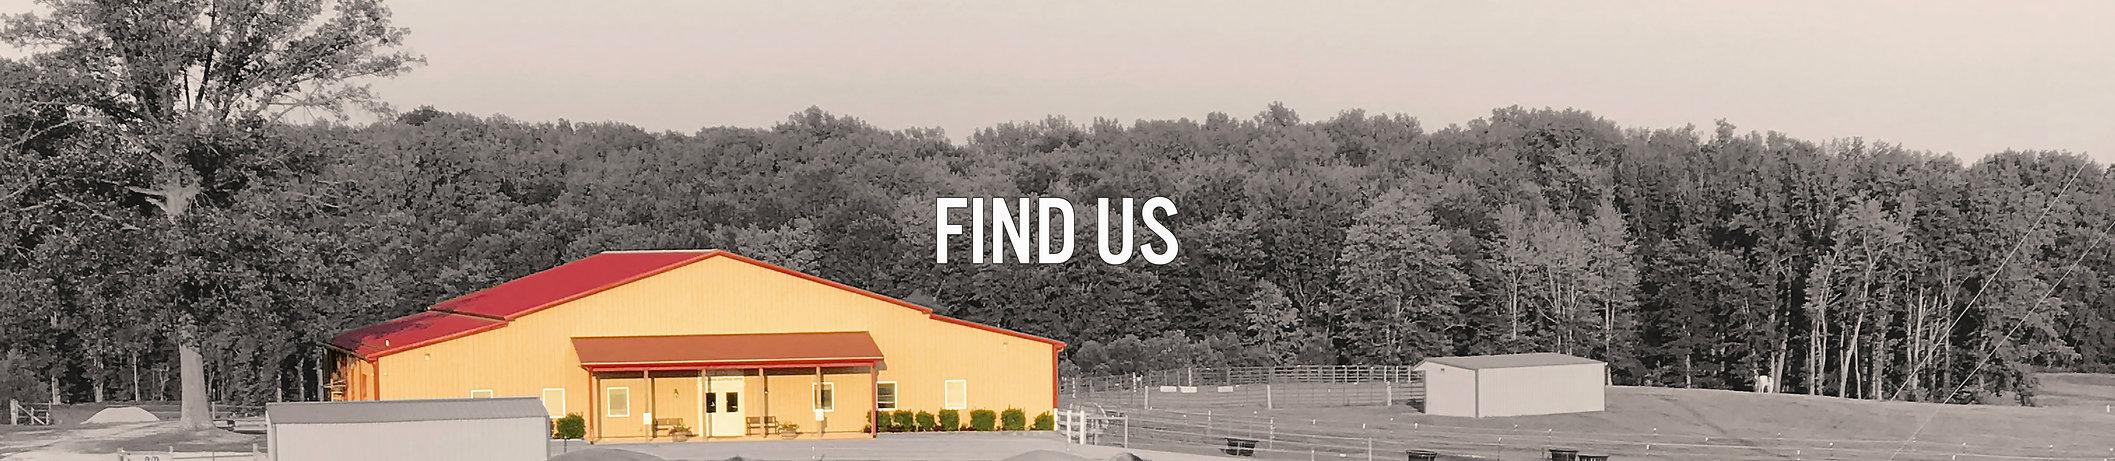 FIND US2TEXT.jpg